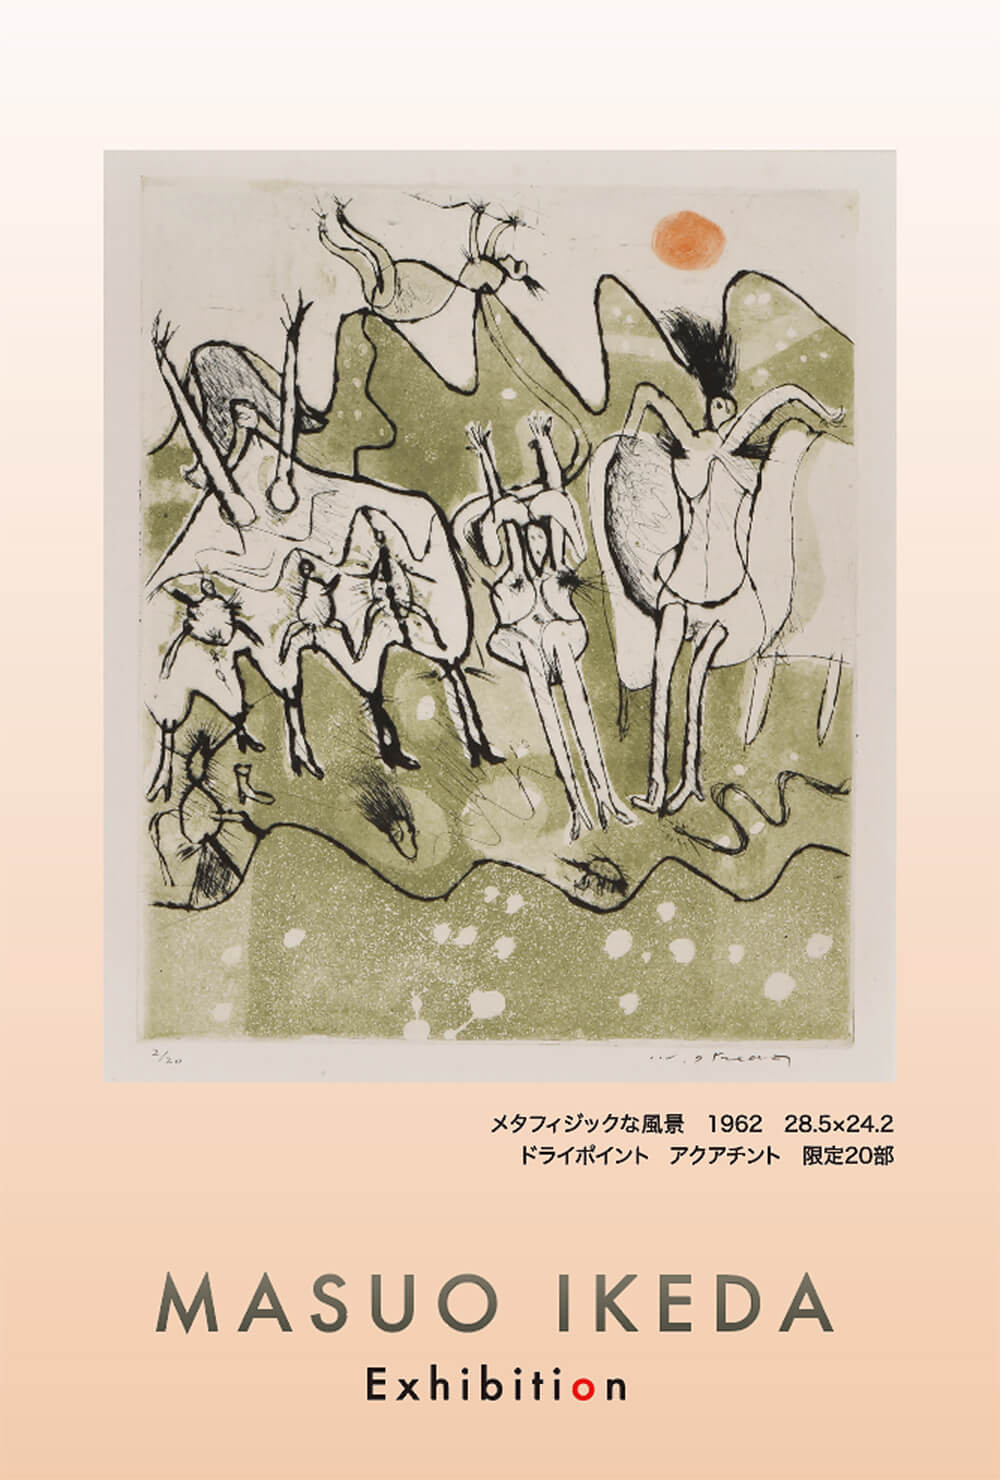 2021年3月19日から開催の「池田 満寿夫 版画展」の池田 満寿夫の作品DMの画像